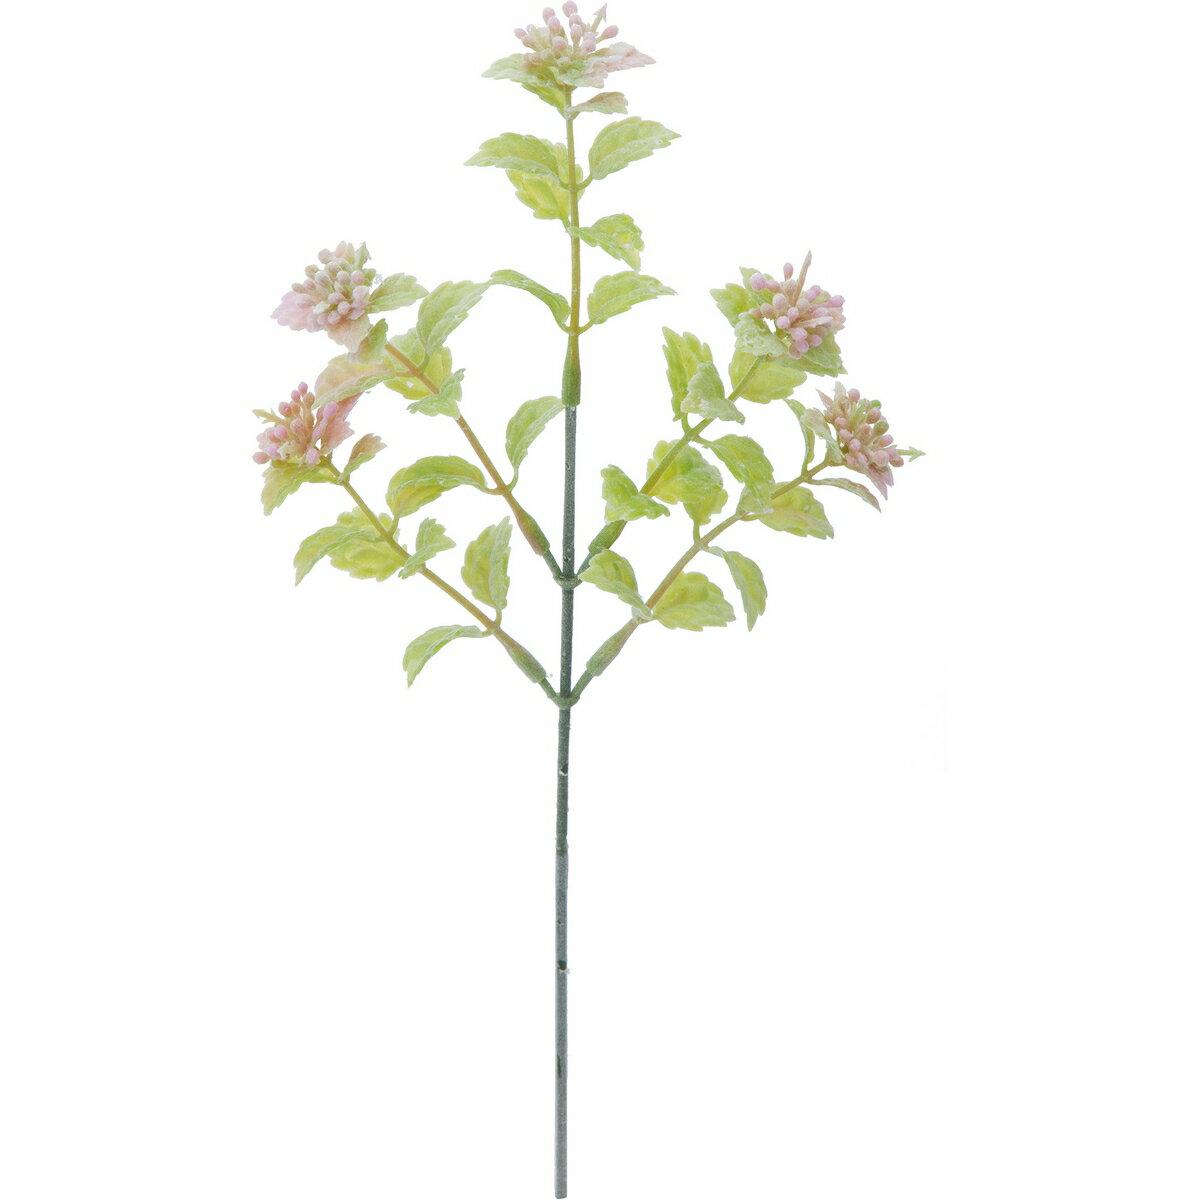 【造花】YDM/オレガノ ピンクグリーン/FGH-0007-P/G【01】【取寄】[24本]《 造花(アーティフィシャルフラワー) 造花葉物、フェイクグリーン その他の造花葉物・フェイクグリーン 》